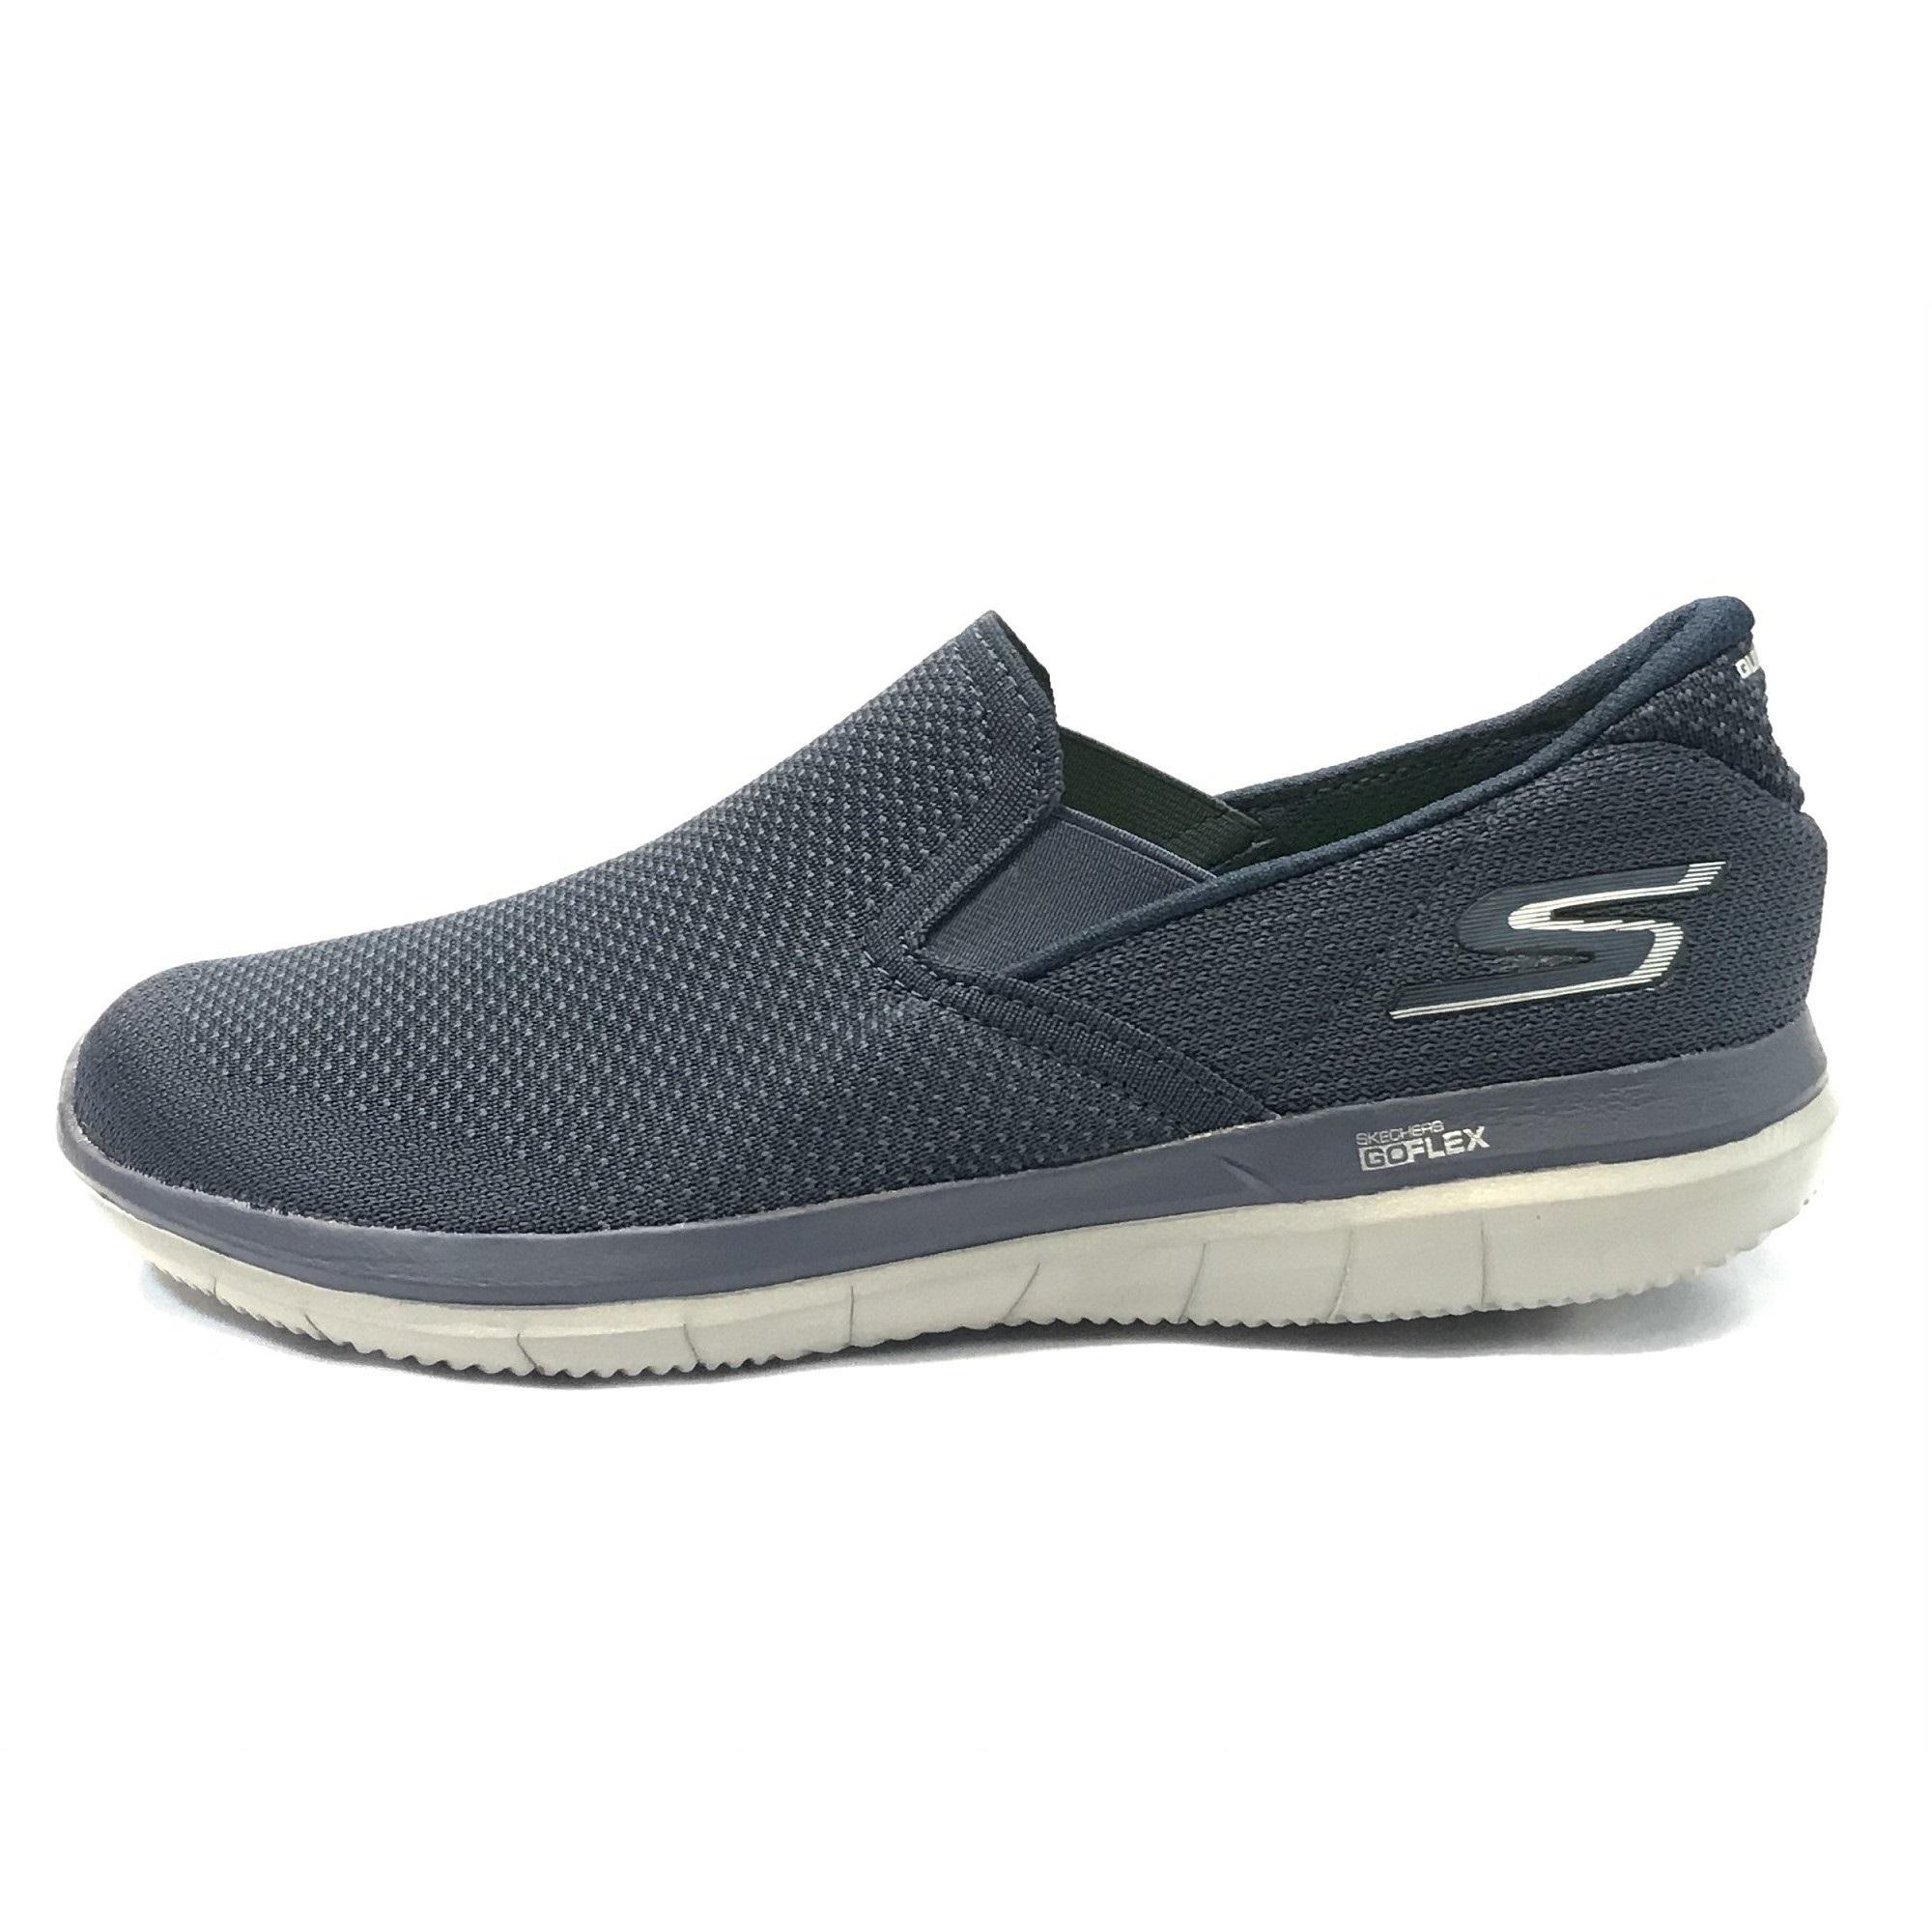 کفش مخصوص پیاده روی مردانه اسکچرز مدل Go Flex 2-maneuver